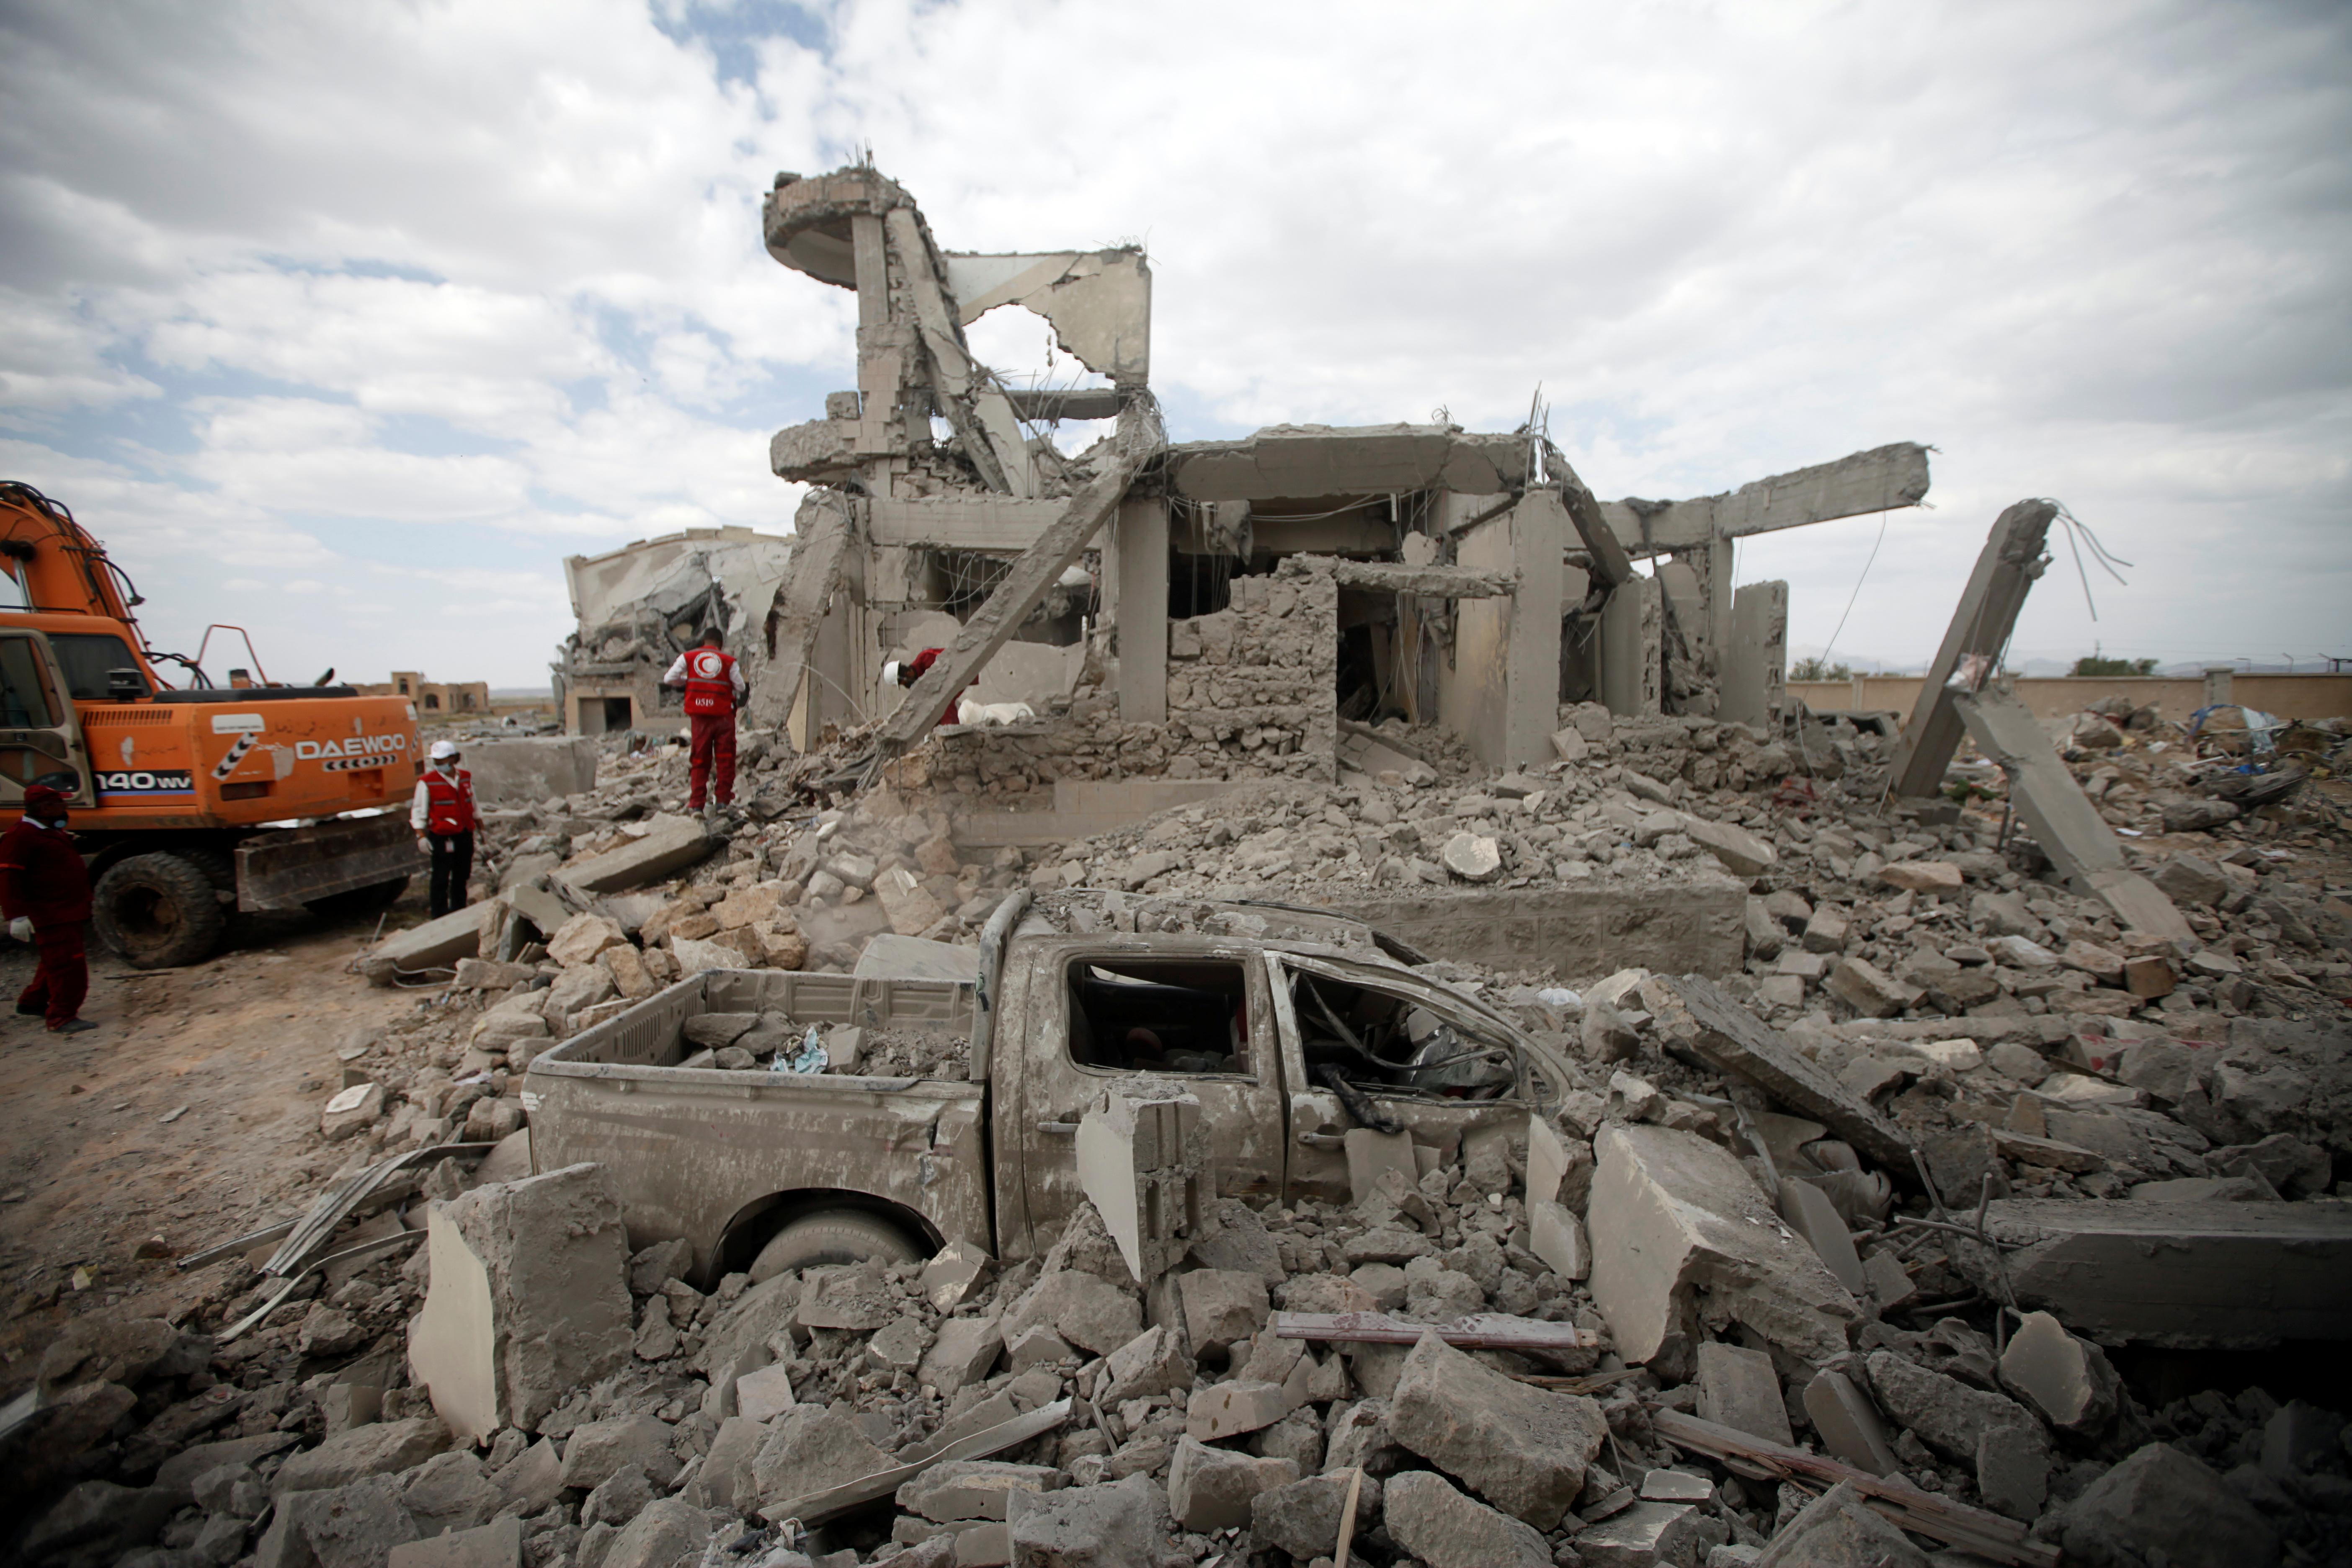 Υεμένη: Σφοδρές μάχες για την κατάληψη της Μαρίμπ – Τουλάχιστον 70 νεκροί